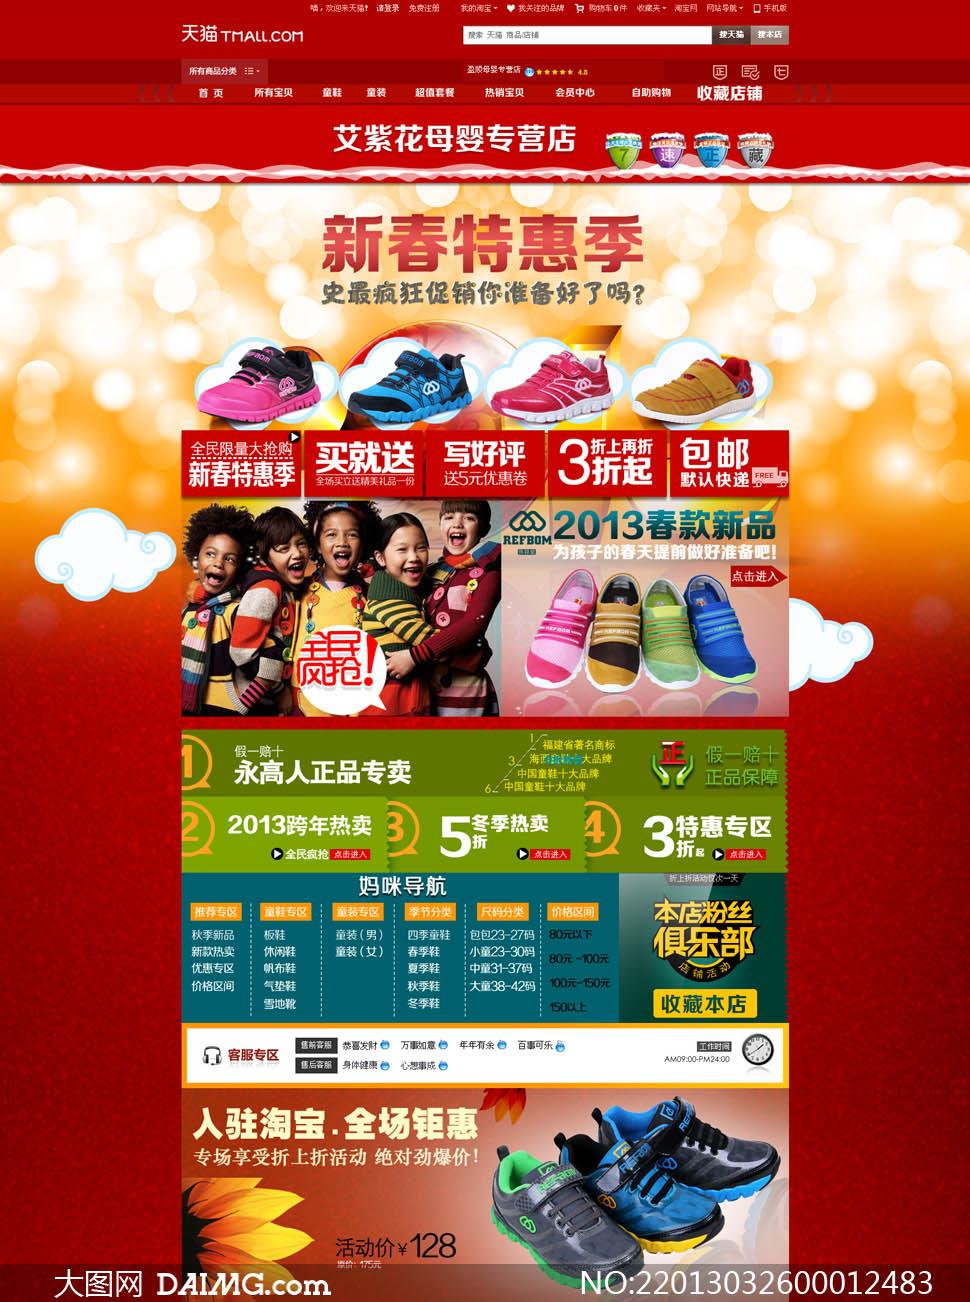 天猫童鞋店铺春节装修模板psd素材 - 大图网设计素材